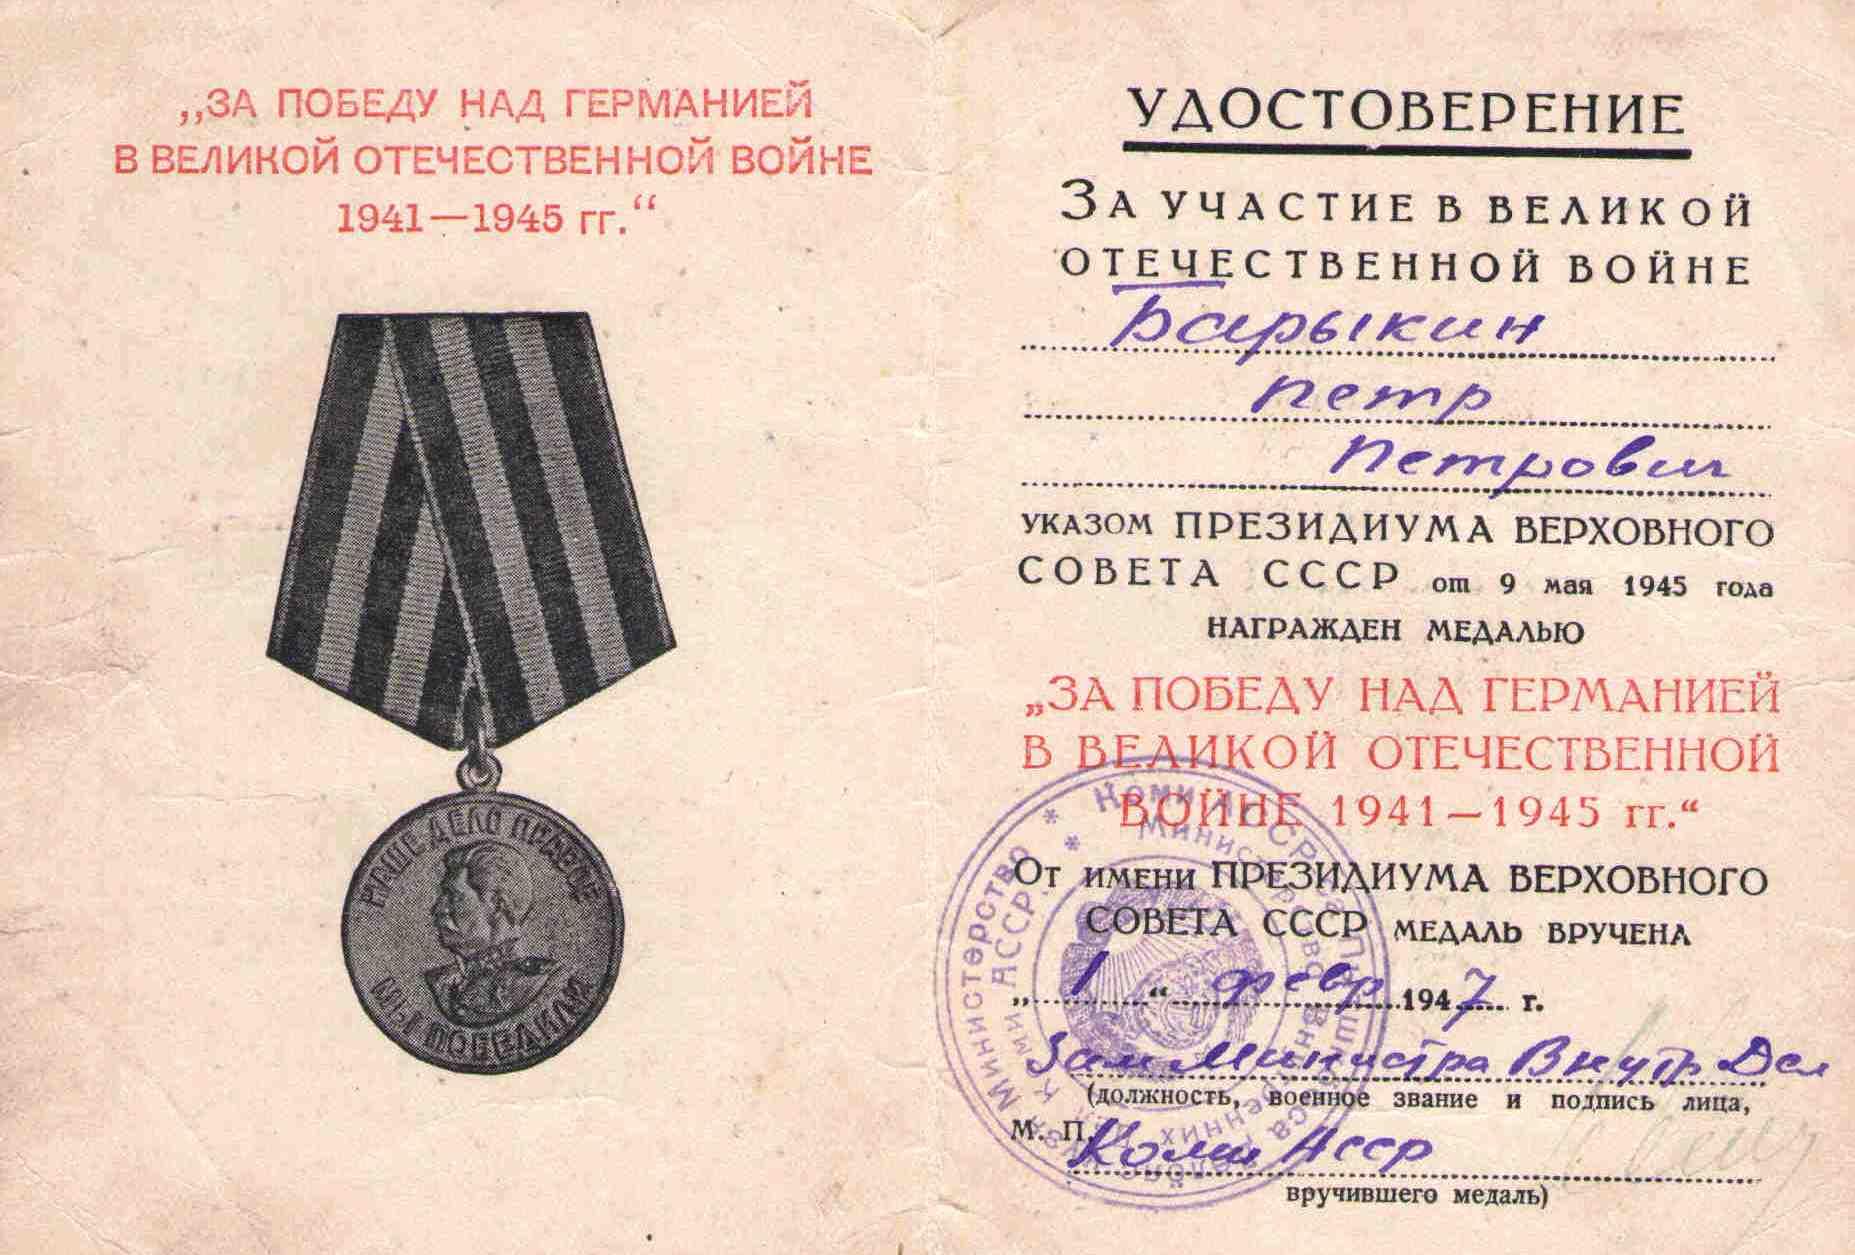 42. Удостоверение к медали За Победу над Германией, Барыкин ПП, 1947